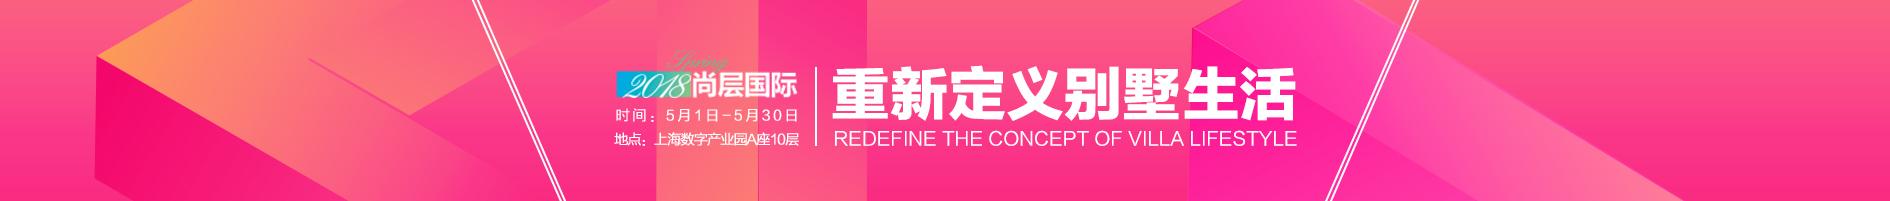 2018尚层国际别墅设计展,重新定义别墅生活